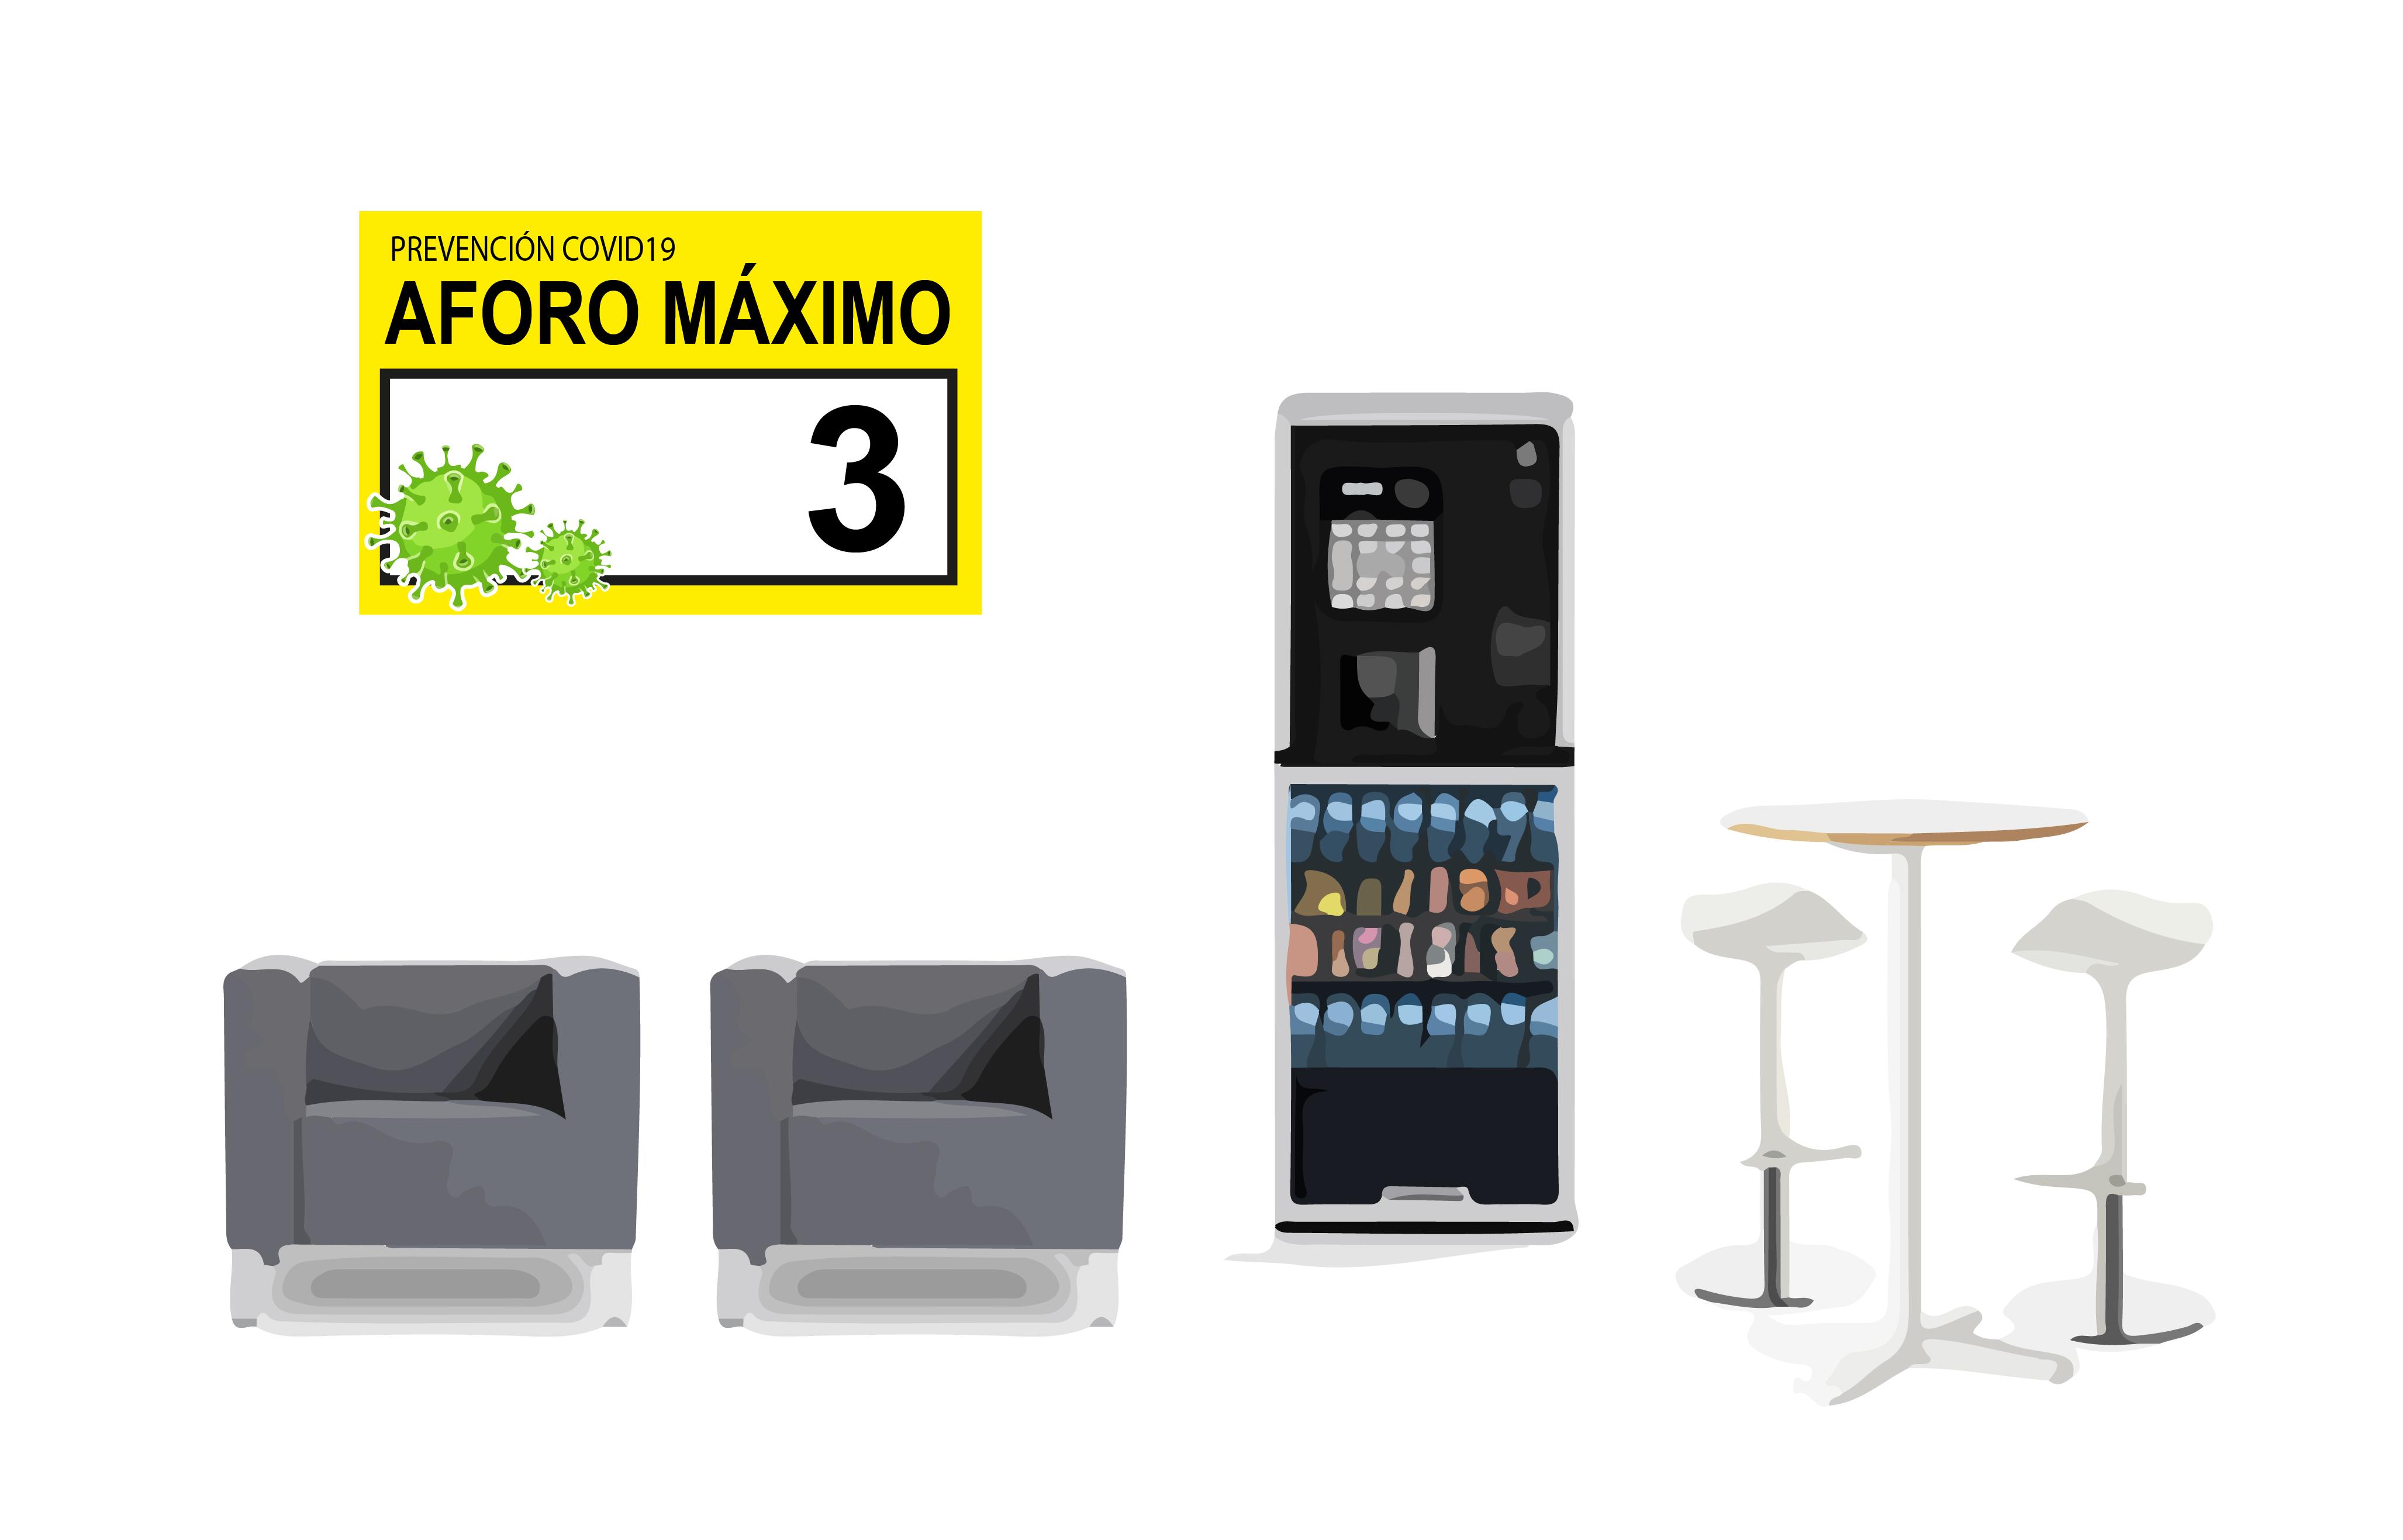 señal_aforo_maximo_covid_19